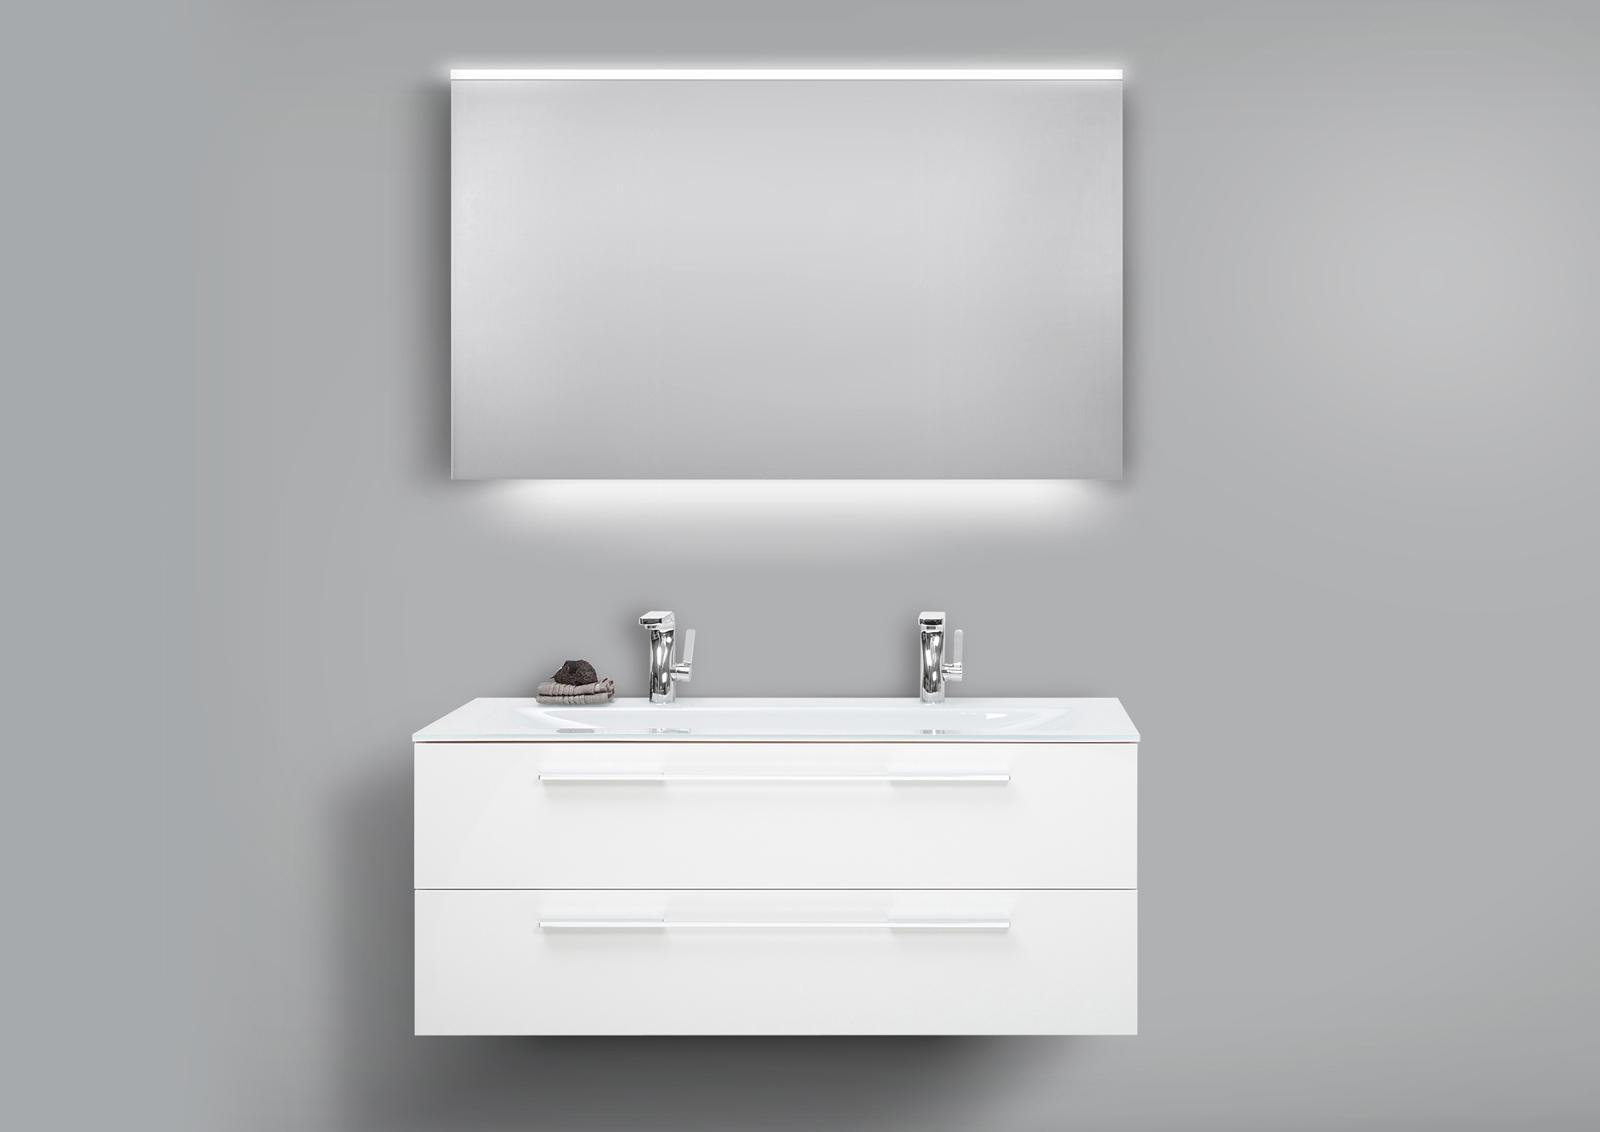 Badm bel set glaswaschtisch 120 doppelwaschbecken mit unterschrank lichtspiegel - Badmobel set doppelwaschbecken ...